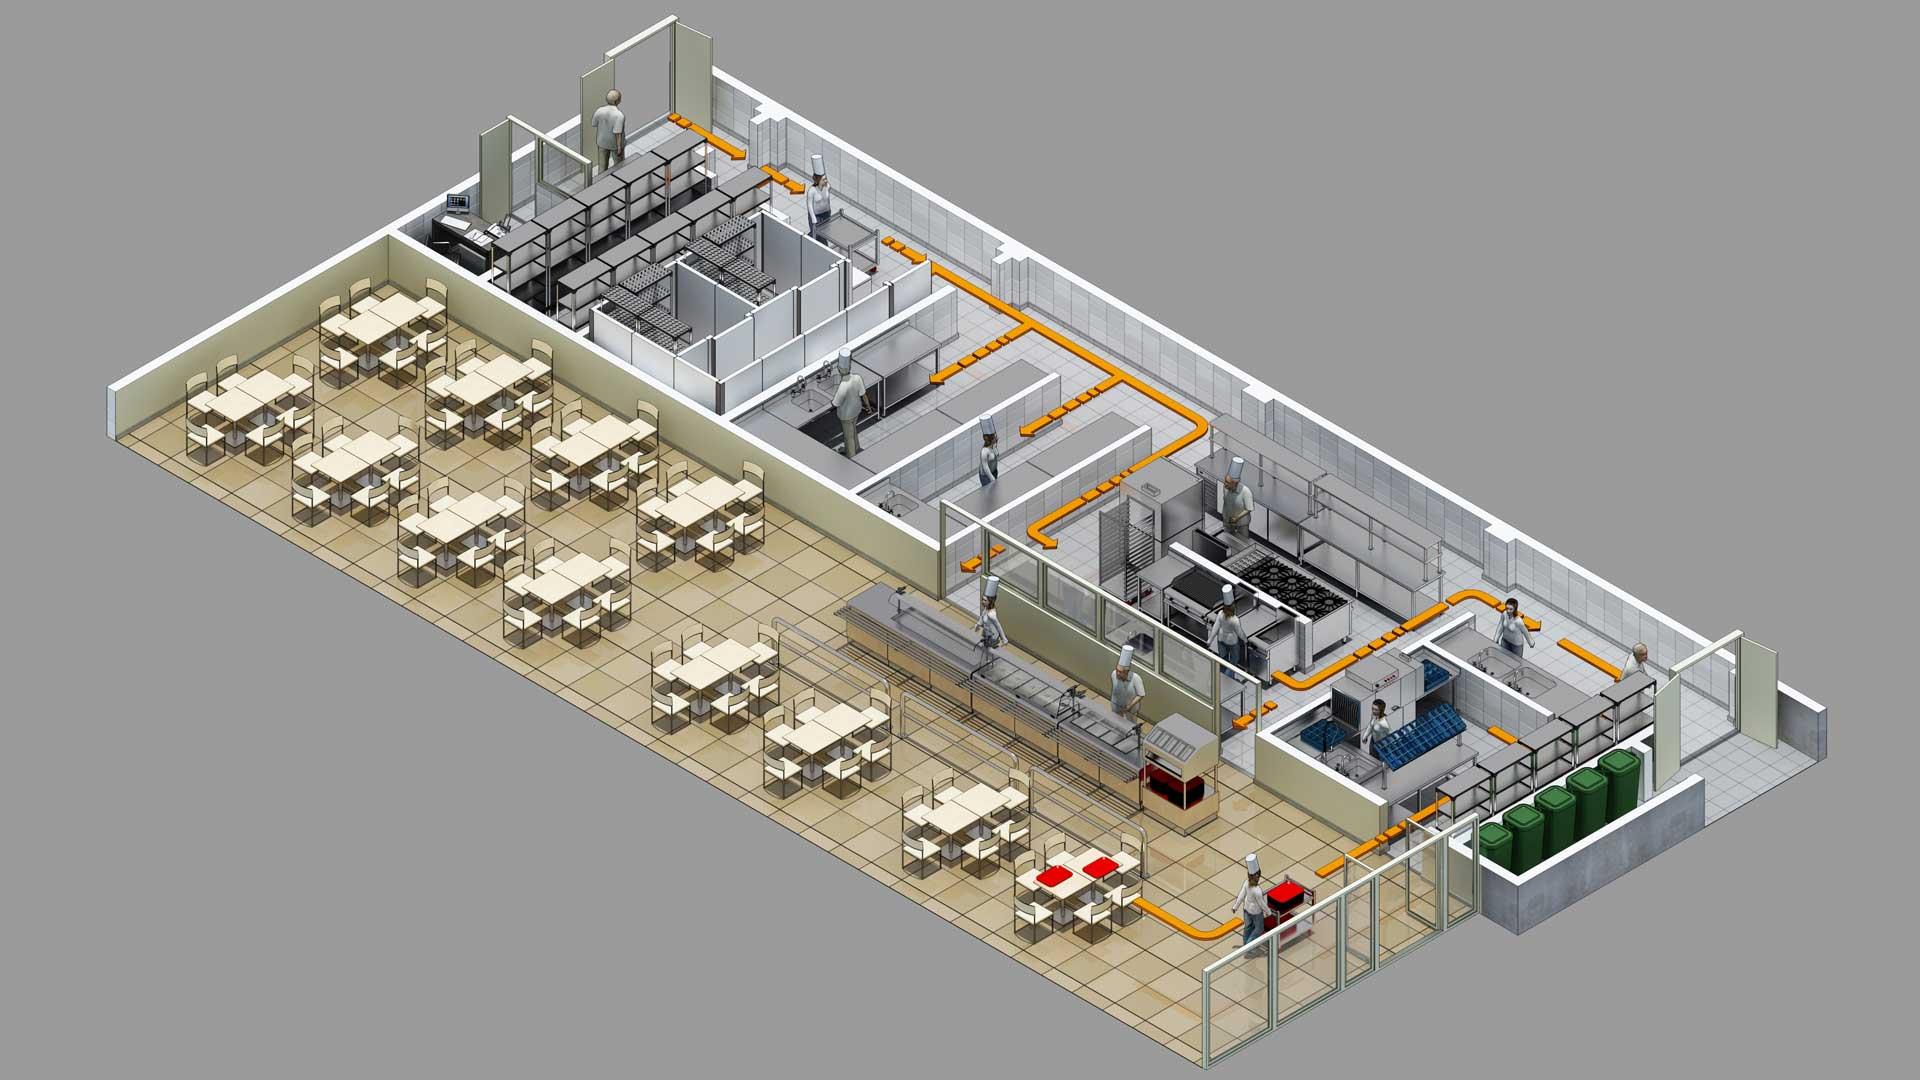 Renders 3D Arquitectura  Renders 503-SUPLEMENTO-CLARIN-ARQ-CAMARA-1